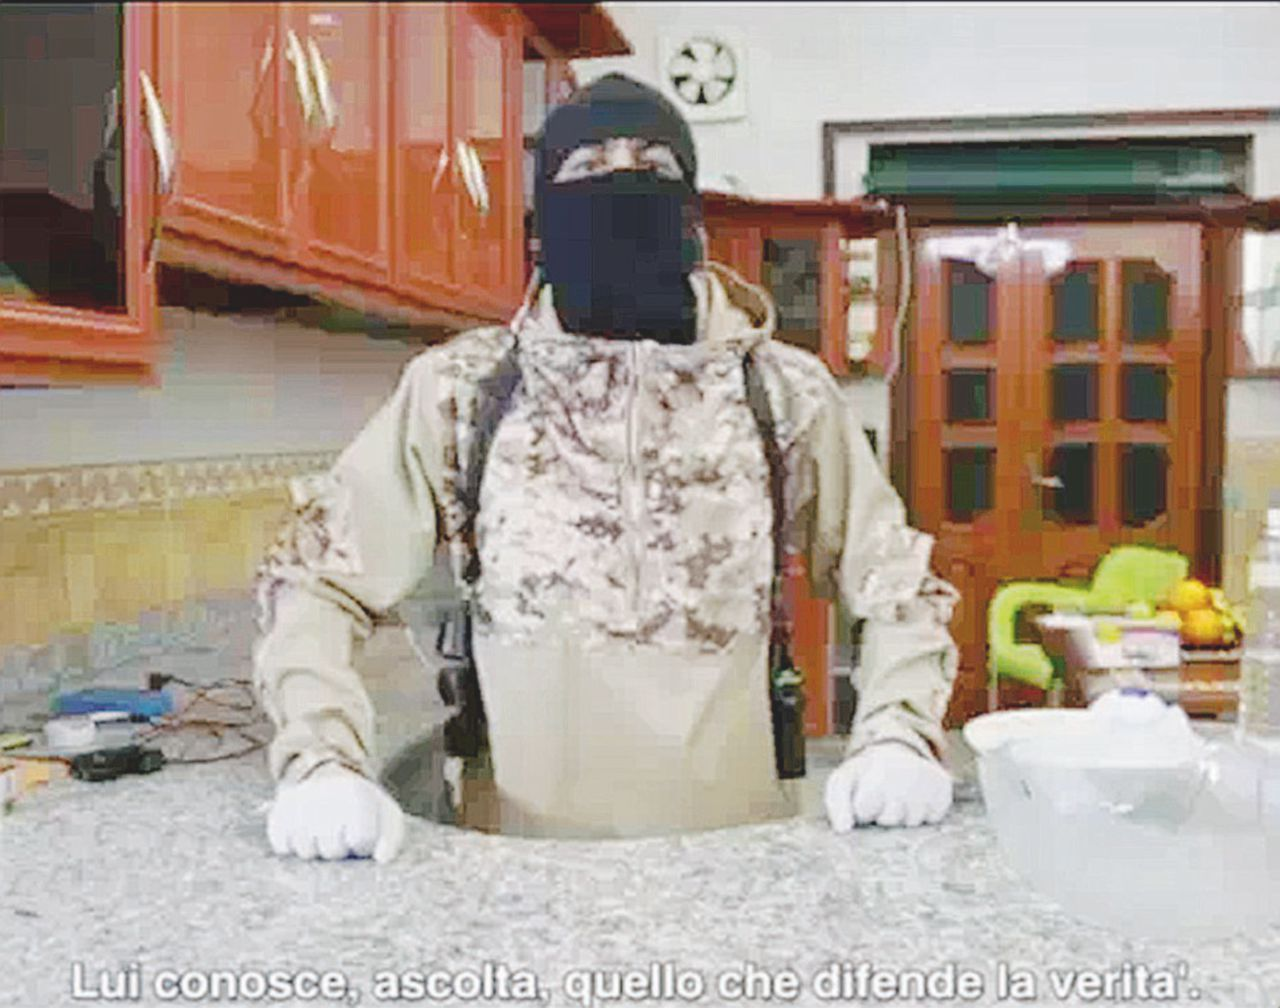 Imam e niente web per rieducare il 15enne jihadista